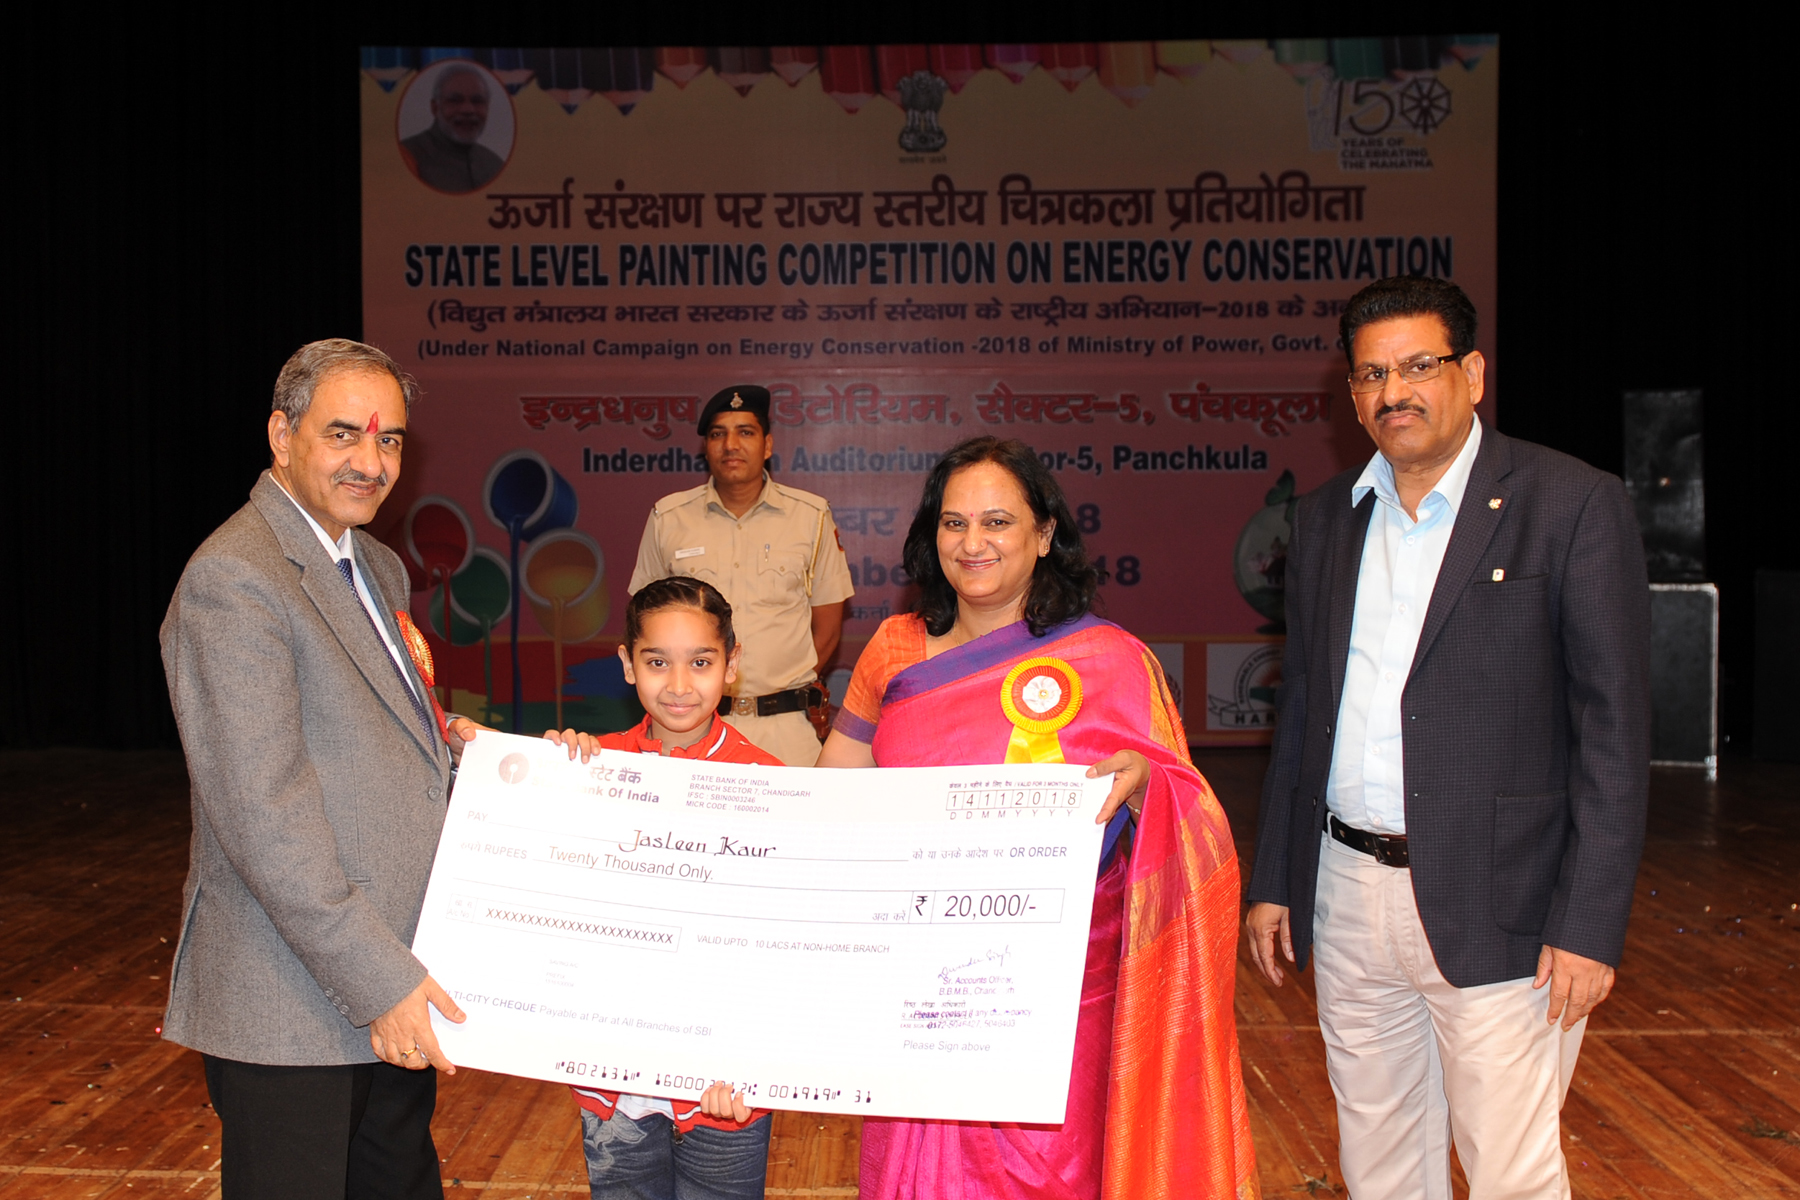 बीबीएमबी द्वारा ऊर्जा संरक्षण पर 'ऑन द स्पॉट ' राज्य स्तरीय पेंटिंग प्रतियोगिताएं आयोजित - 25.5 लाख स्कूली बच्चों ने भाग लिया